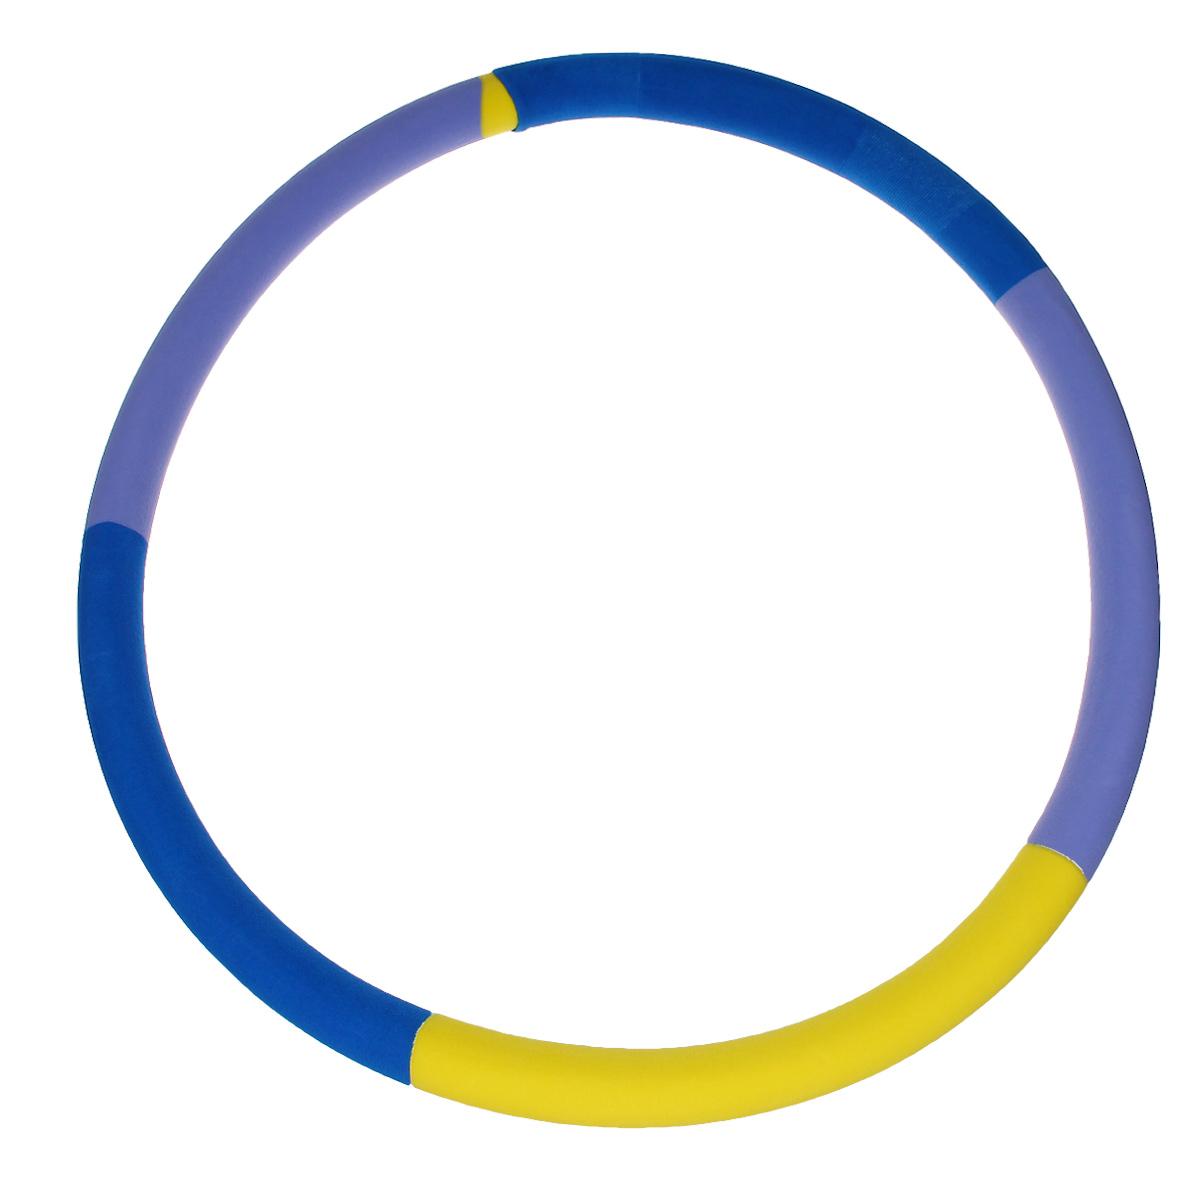 """Обруч Спорт-21 """"Сделай талию"""", цвет: разноцветный, диаметр 90 см"""